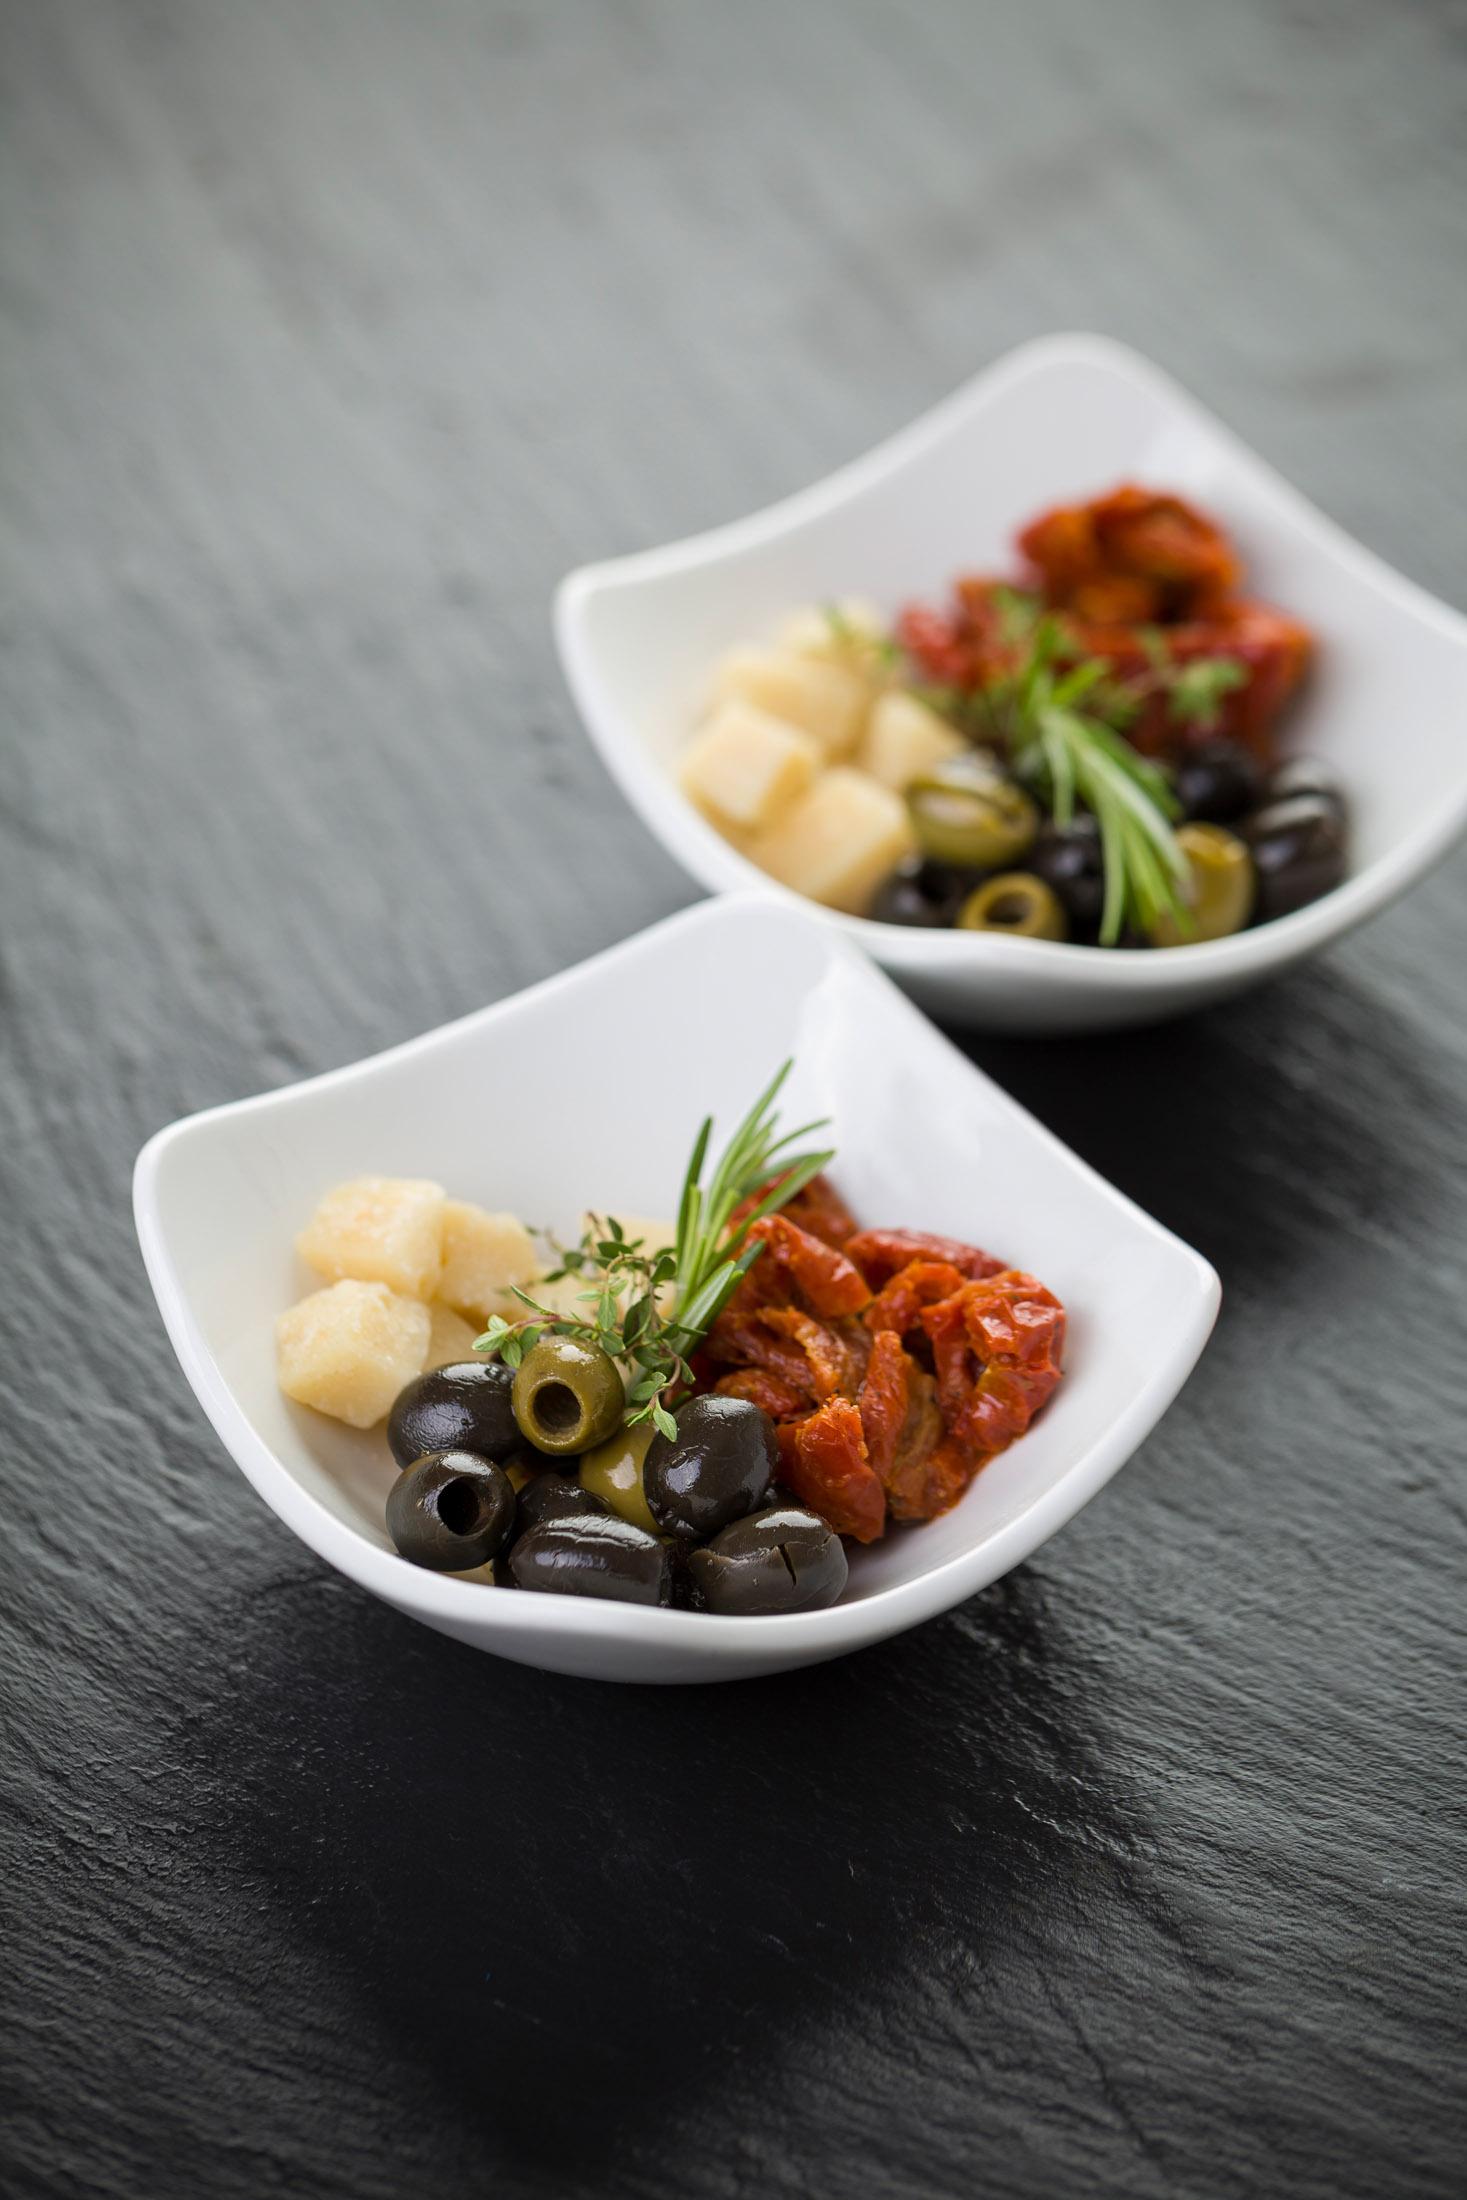 Antipasti mit verschiedenen Oliven, getrockneten Tomaten und Parmesan